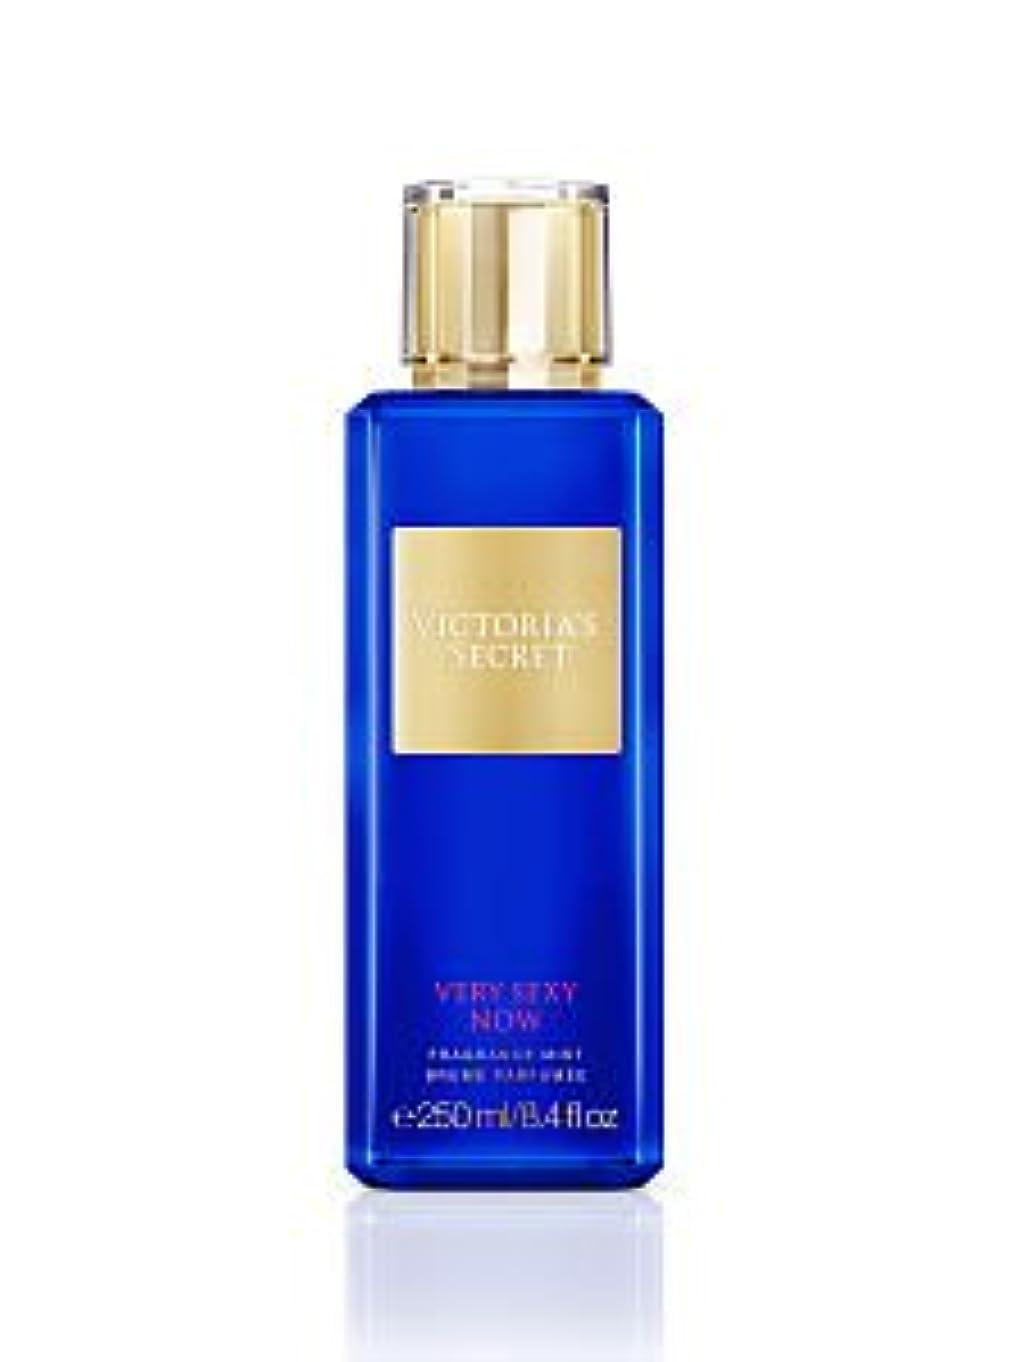 本土誘う文明Very Sexy Now (ベリーセクシー ナウ) 8.4 oz (250ml) Fragrance Mist ミスト (2016年バージョン)by Victoria Secret for Women